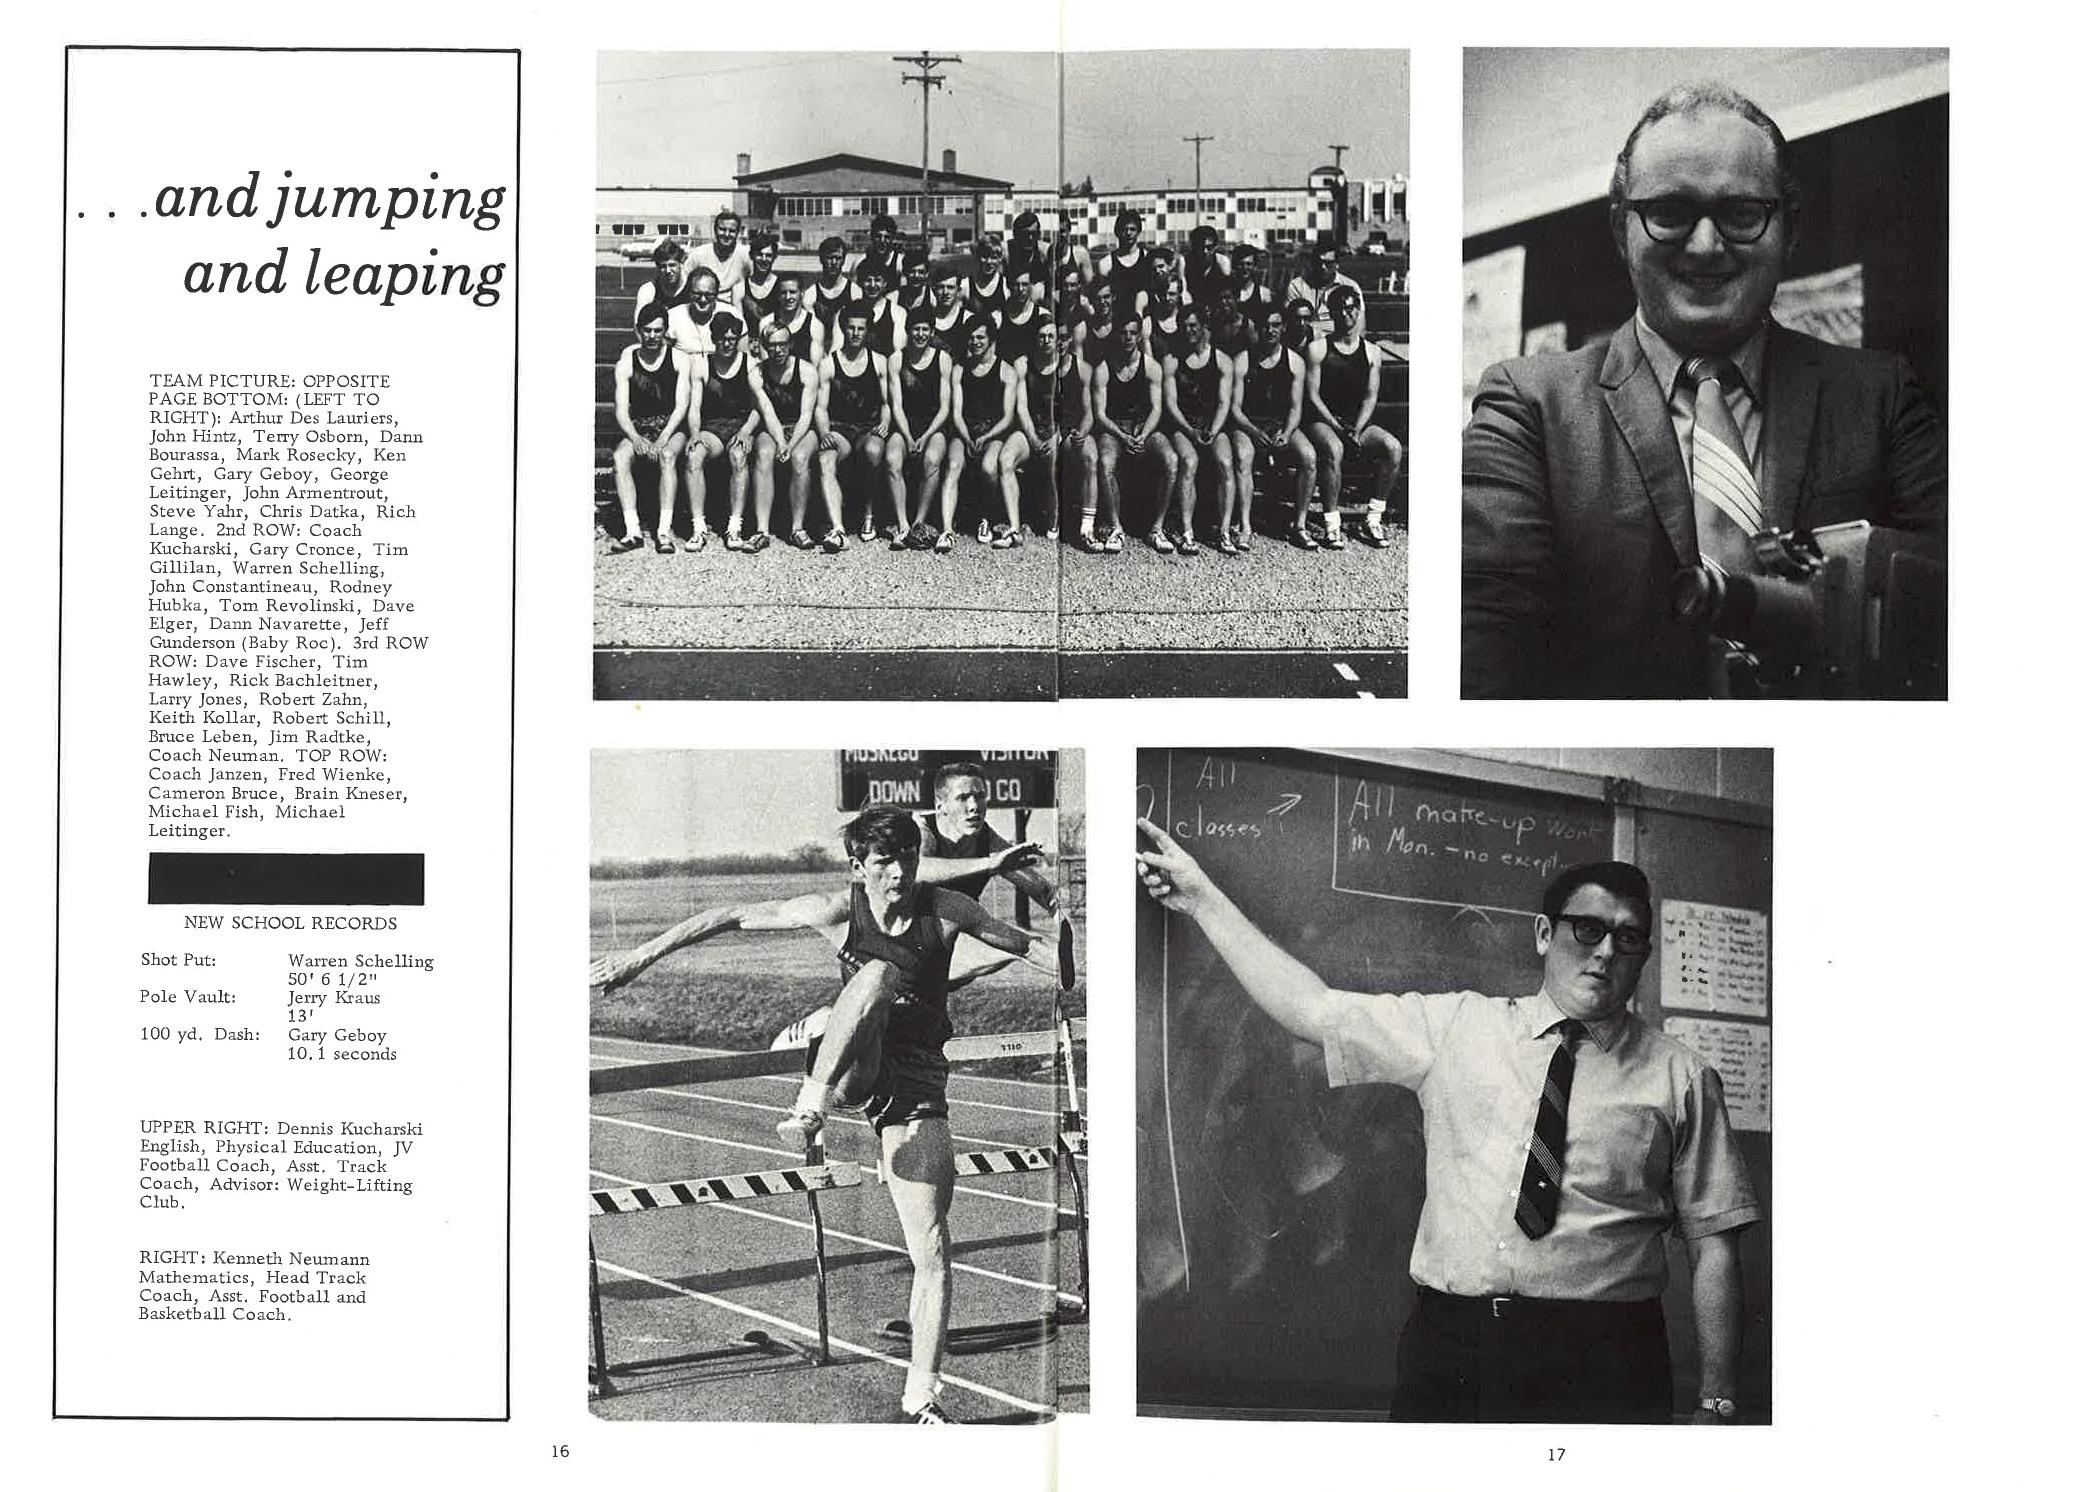 1971_Yearbook_16-17.jpg